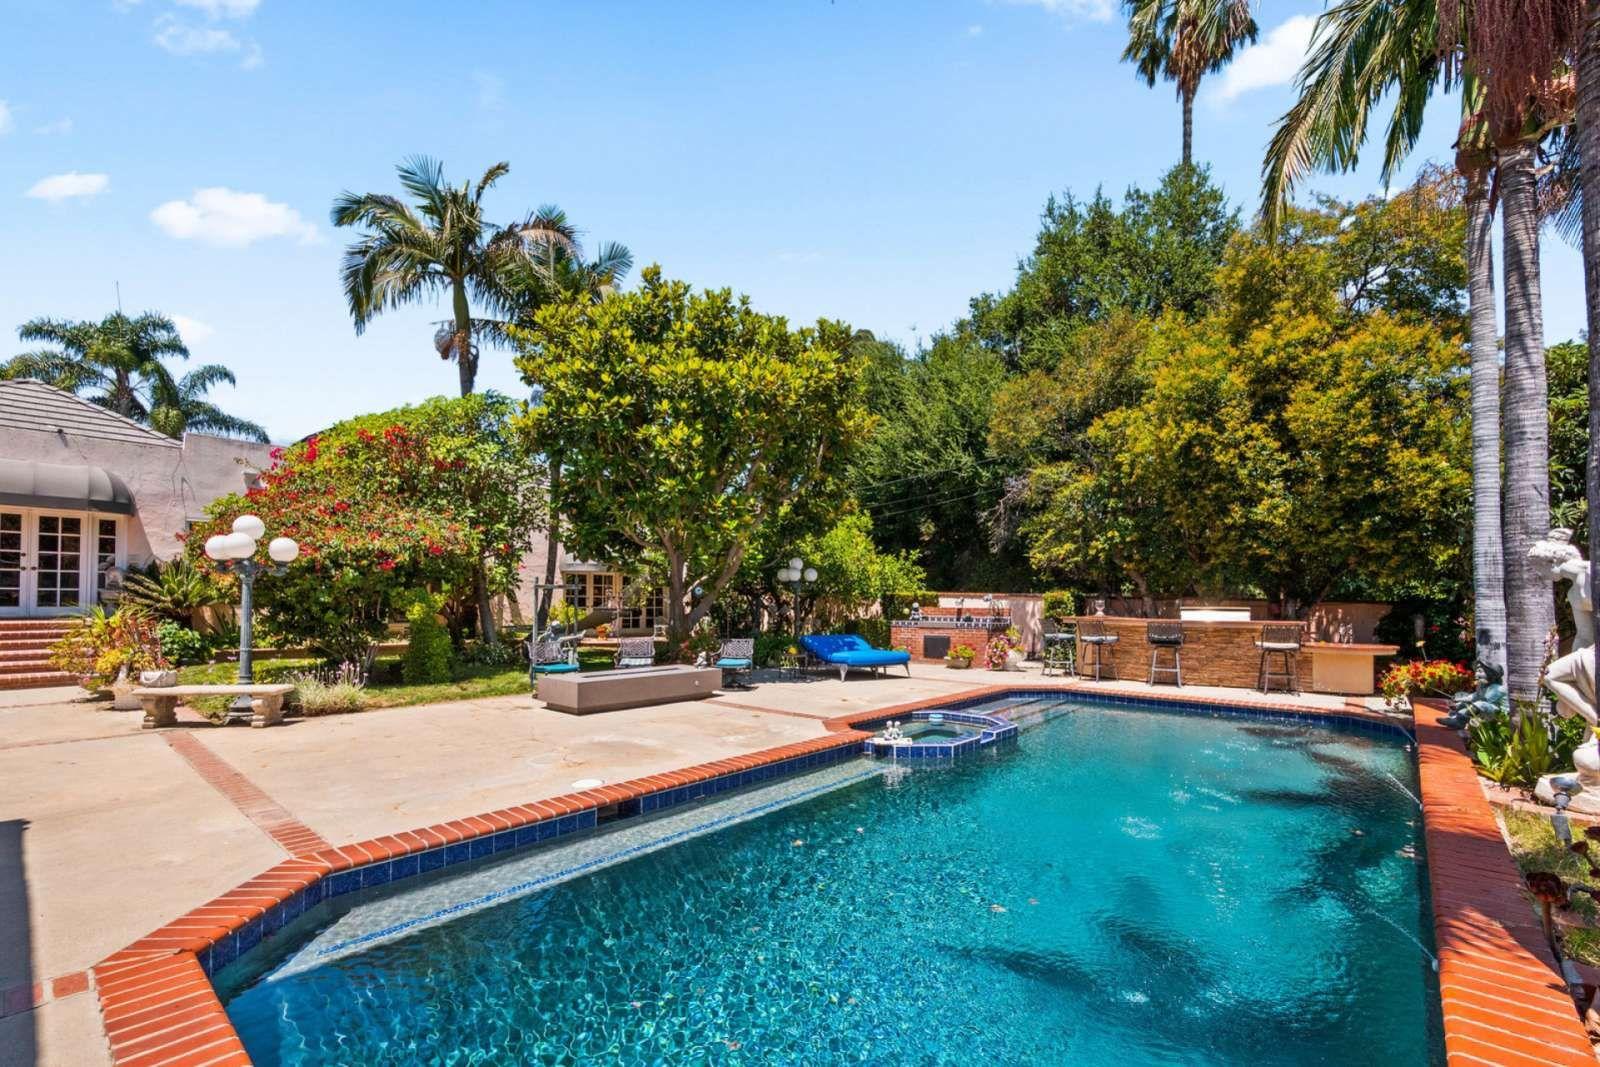 Los Angeles Vacation Rental Mediterranean Resort Villa Pool Tennis Court Jacuzzi Sauna Steam Perfect For L Los Angeles Vacation Vacation Vacation Rental